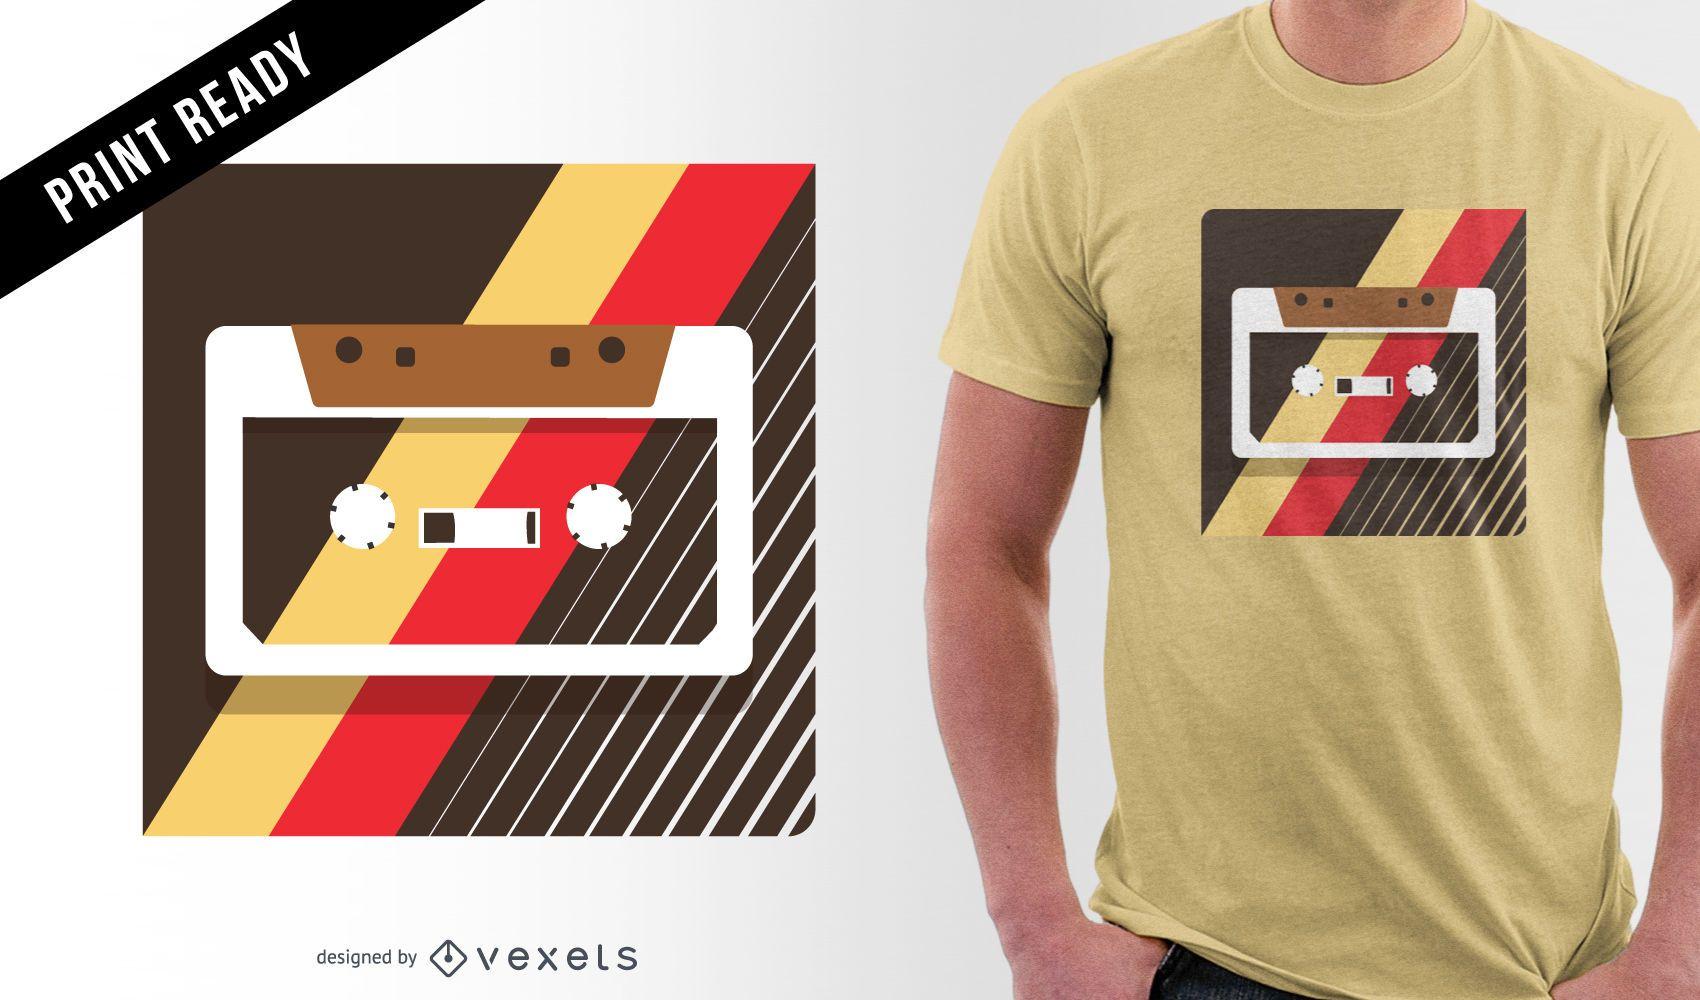 Cassette illustration t-shirt design